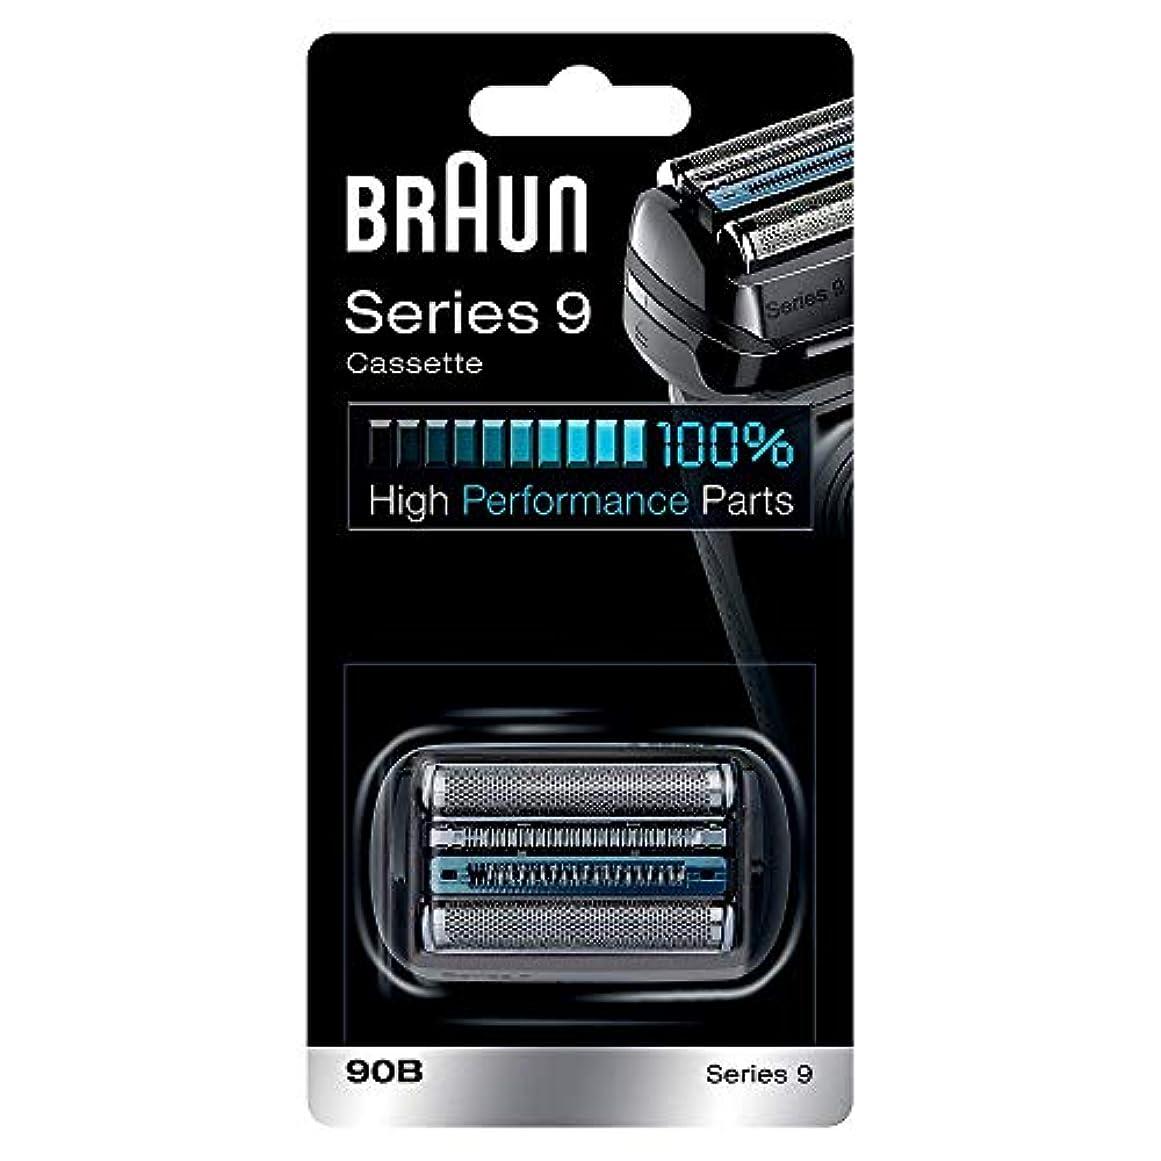 排出してはいけません電球Braun 90B シリーズ9電気かみそりのためのブラックフォイルカッターヘッドパック 90B [並行輸入品]